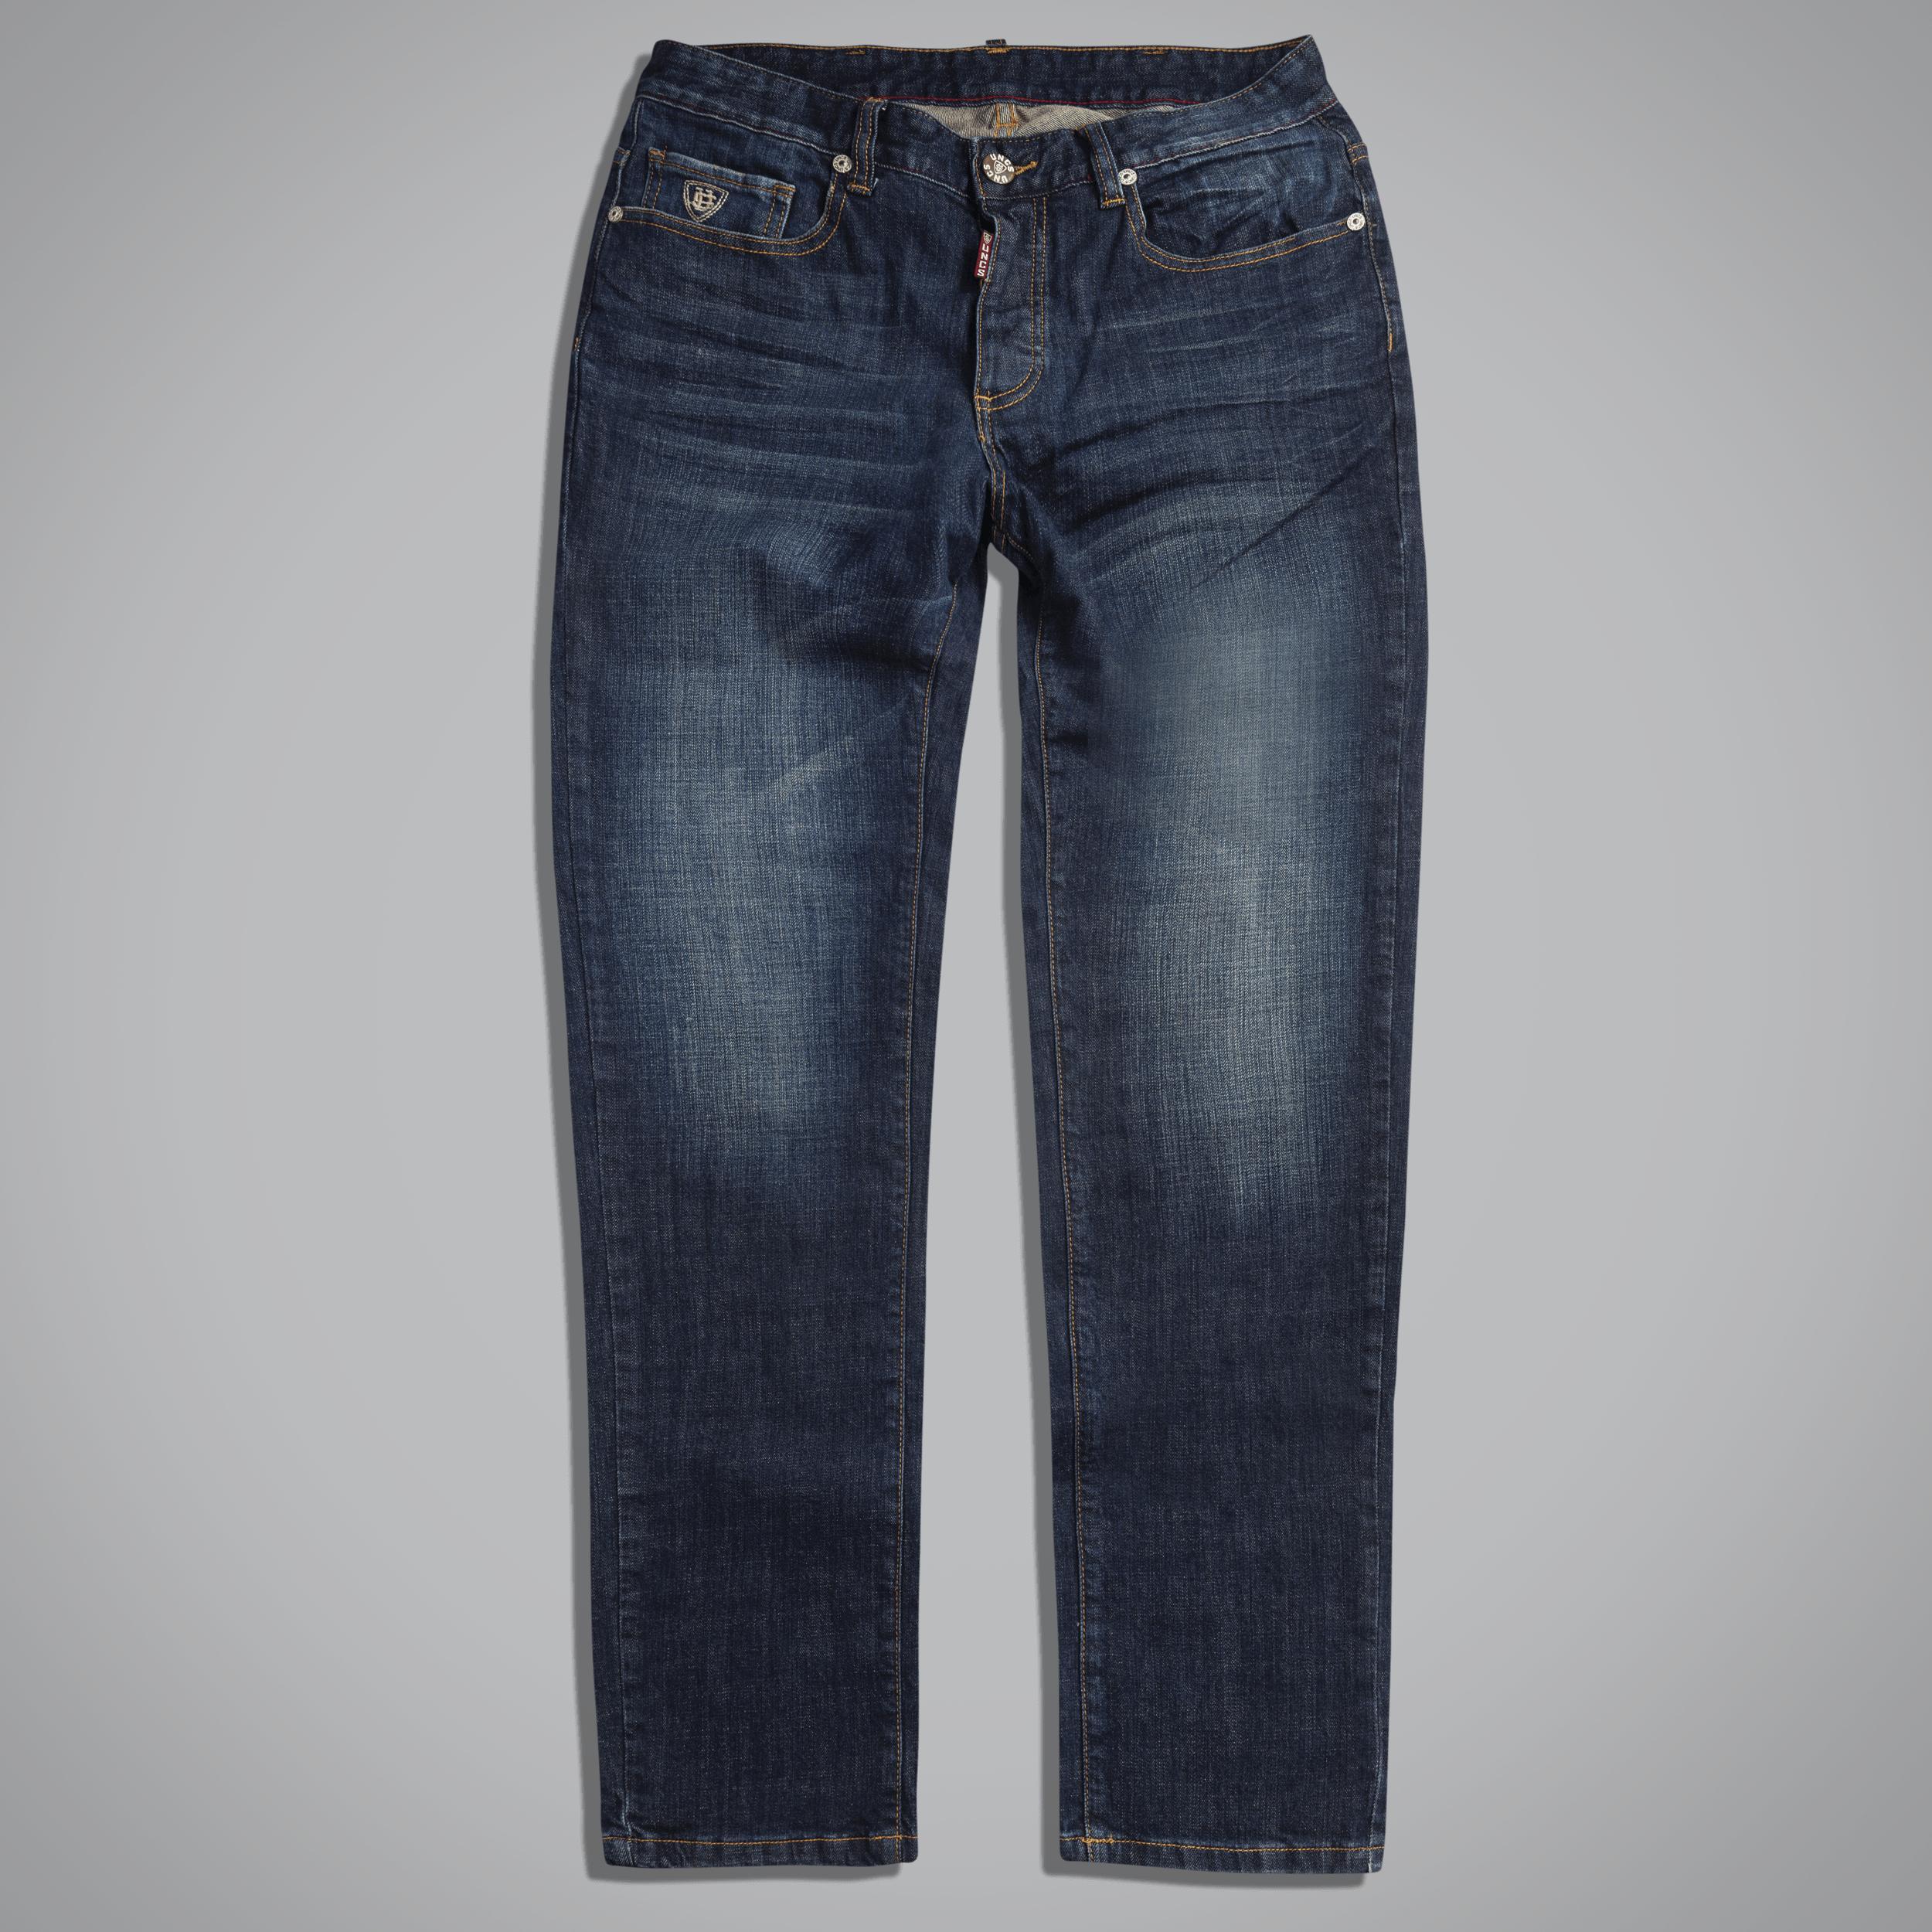 Pánské džíny Clark - Outlet - doprodej pánského oblečení 03be154709